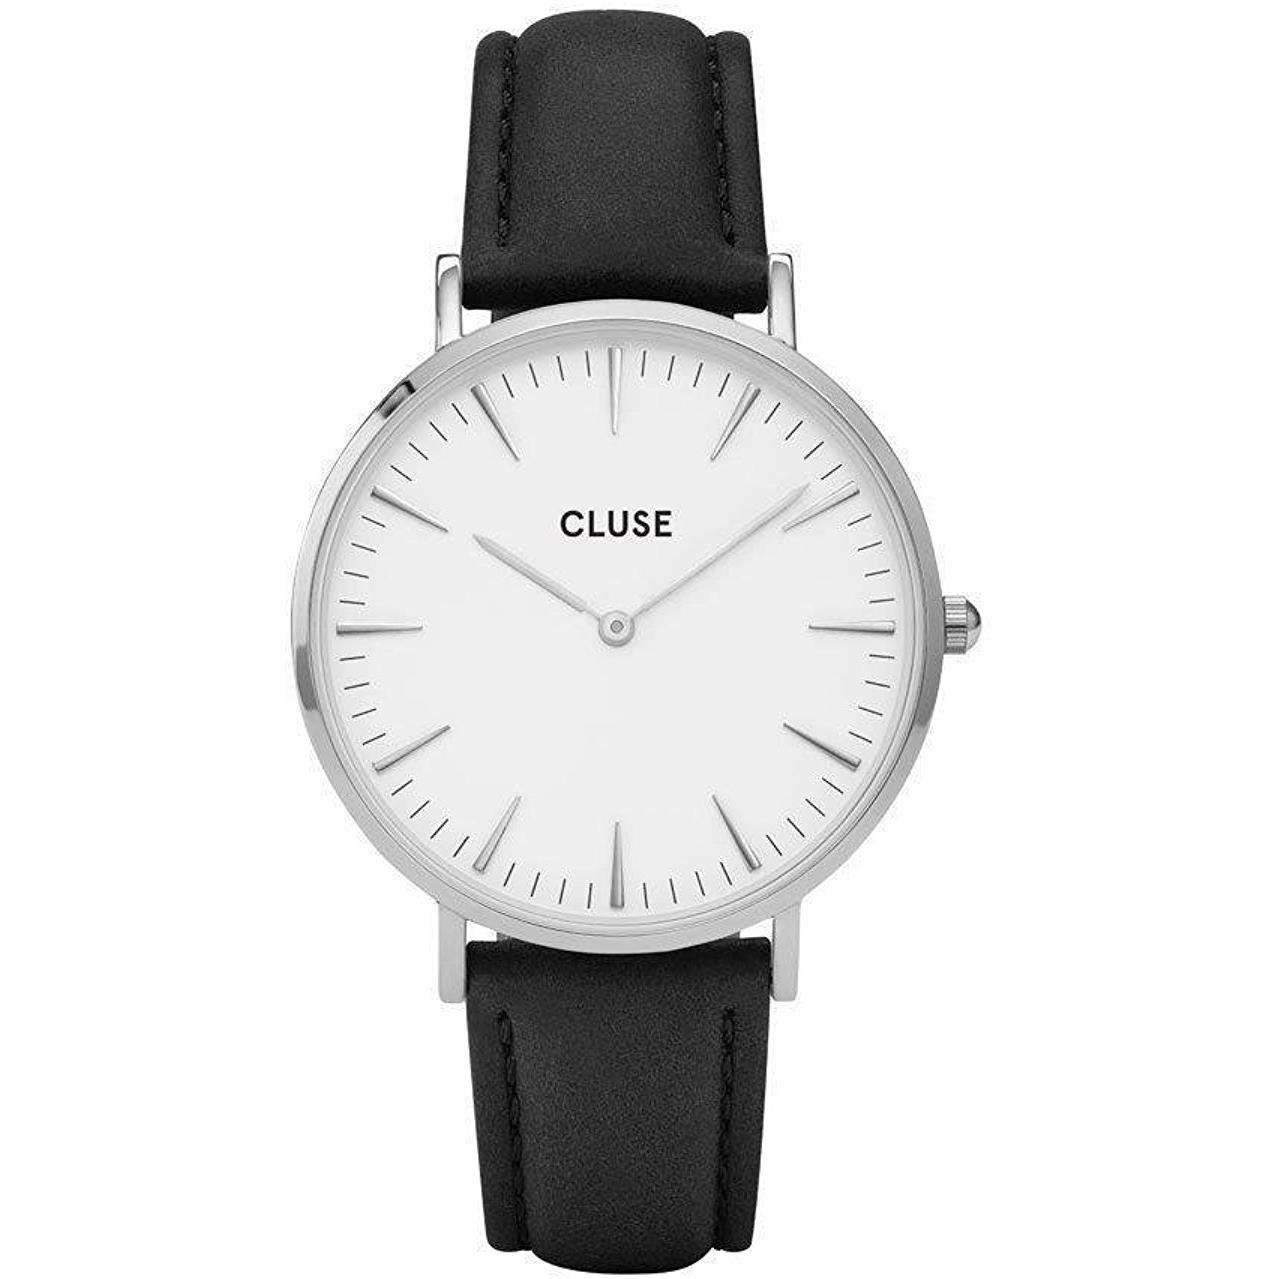 CLUSE La Bohème Silver White Black CL18208 Women's Watch 38mm Leather Band Minimalistic Design Casual Dress Japanese Quartz Elegant Timepiece